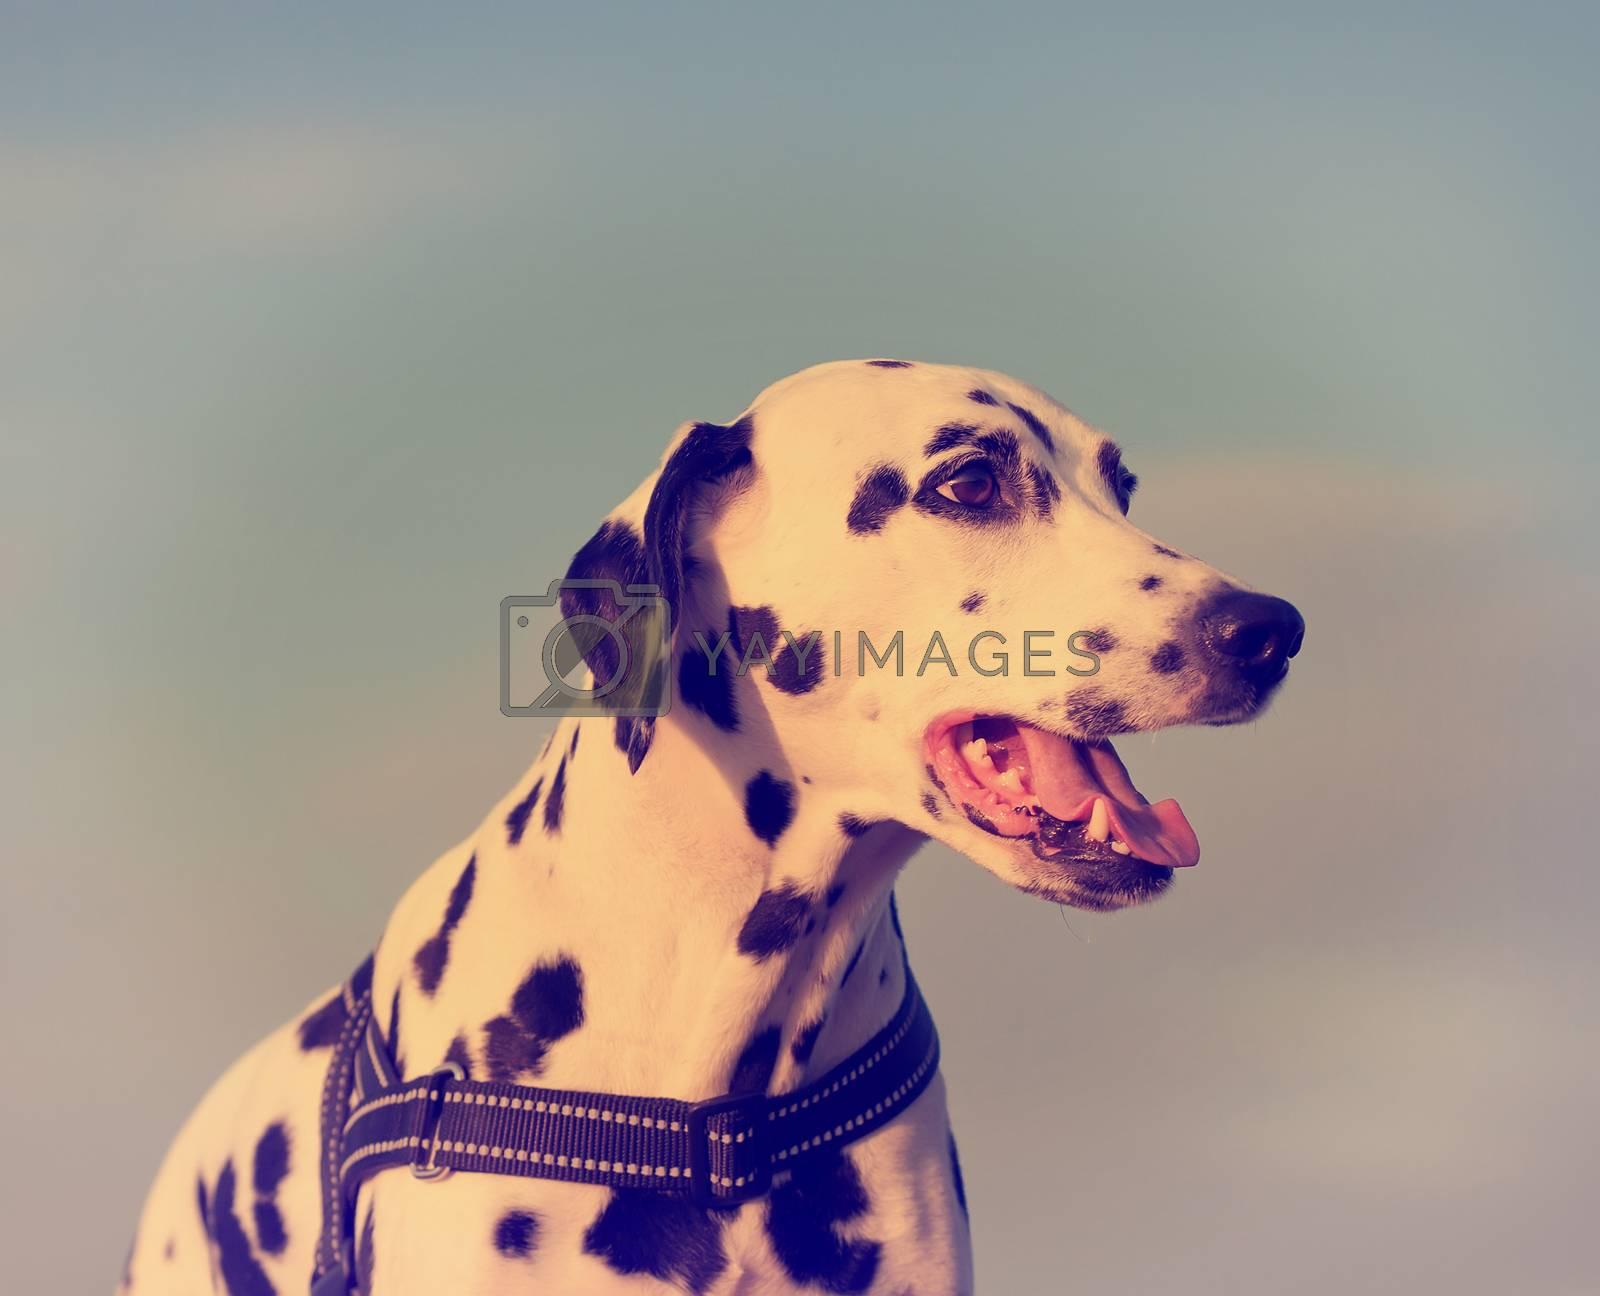 Closeup portrait of Dalmatian dog at sunset